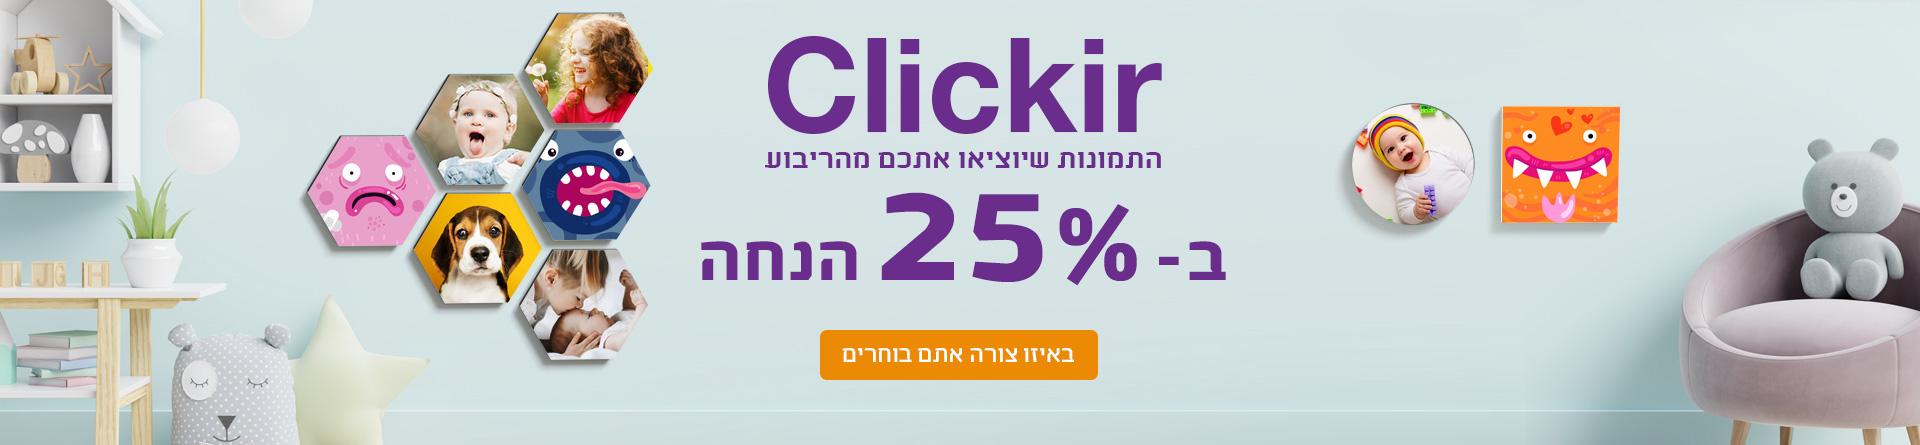 clickir 25%  -1.1.21